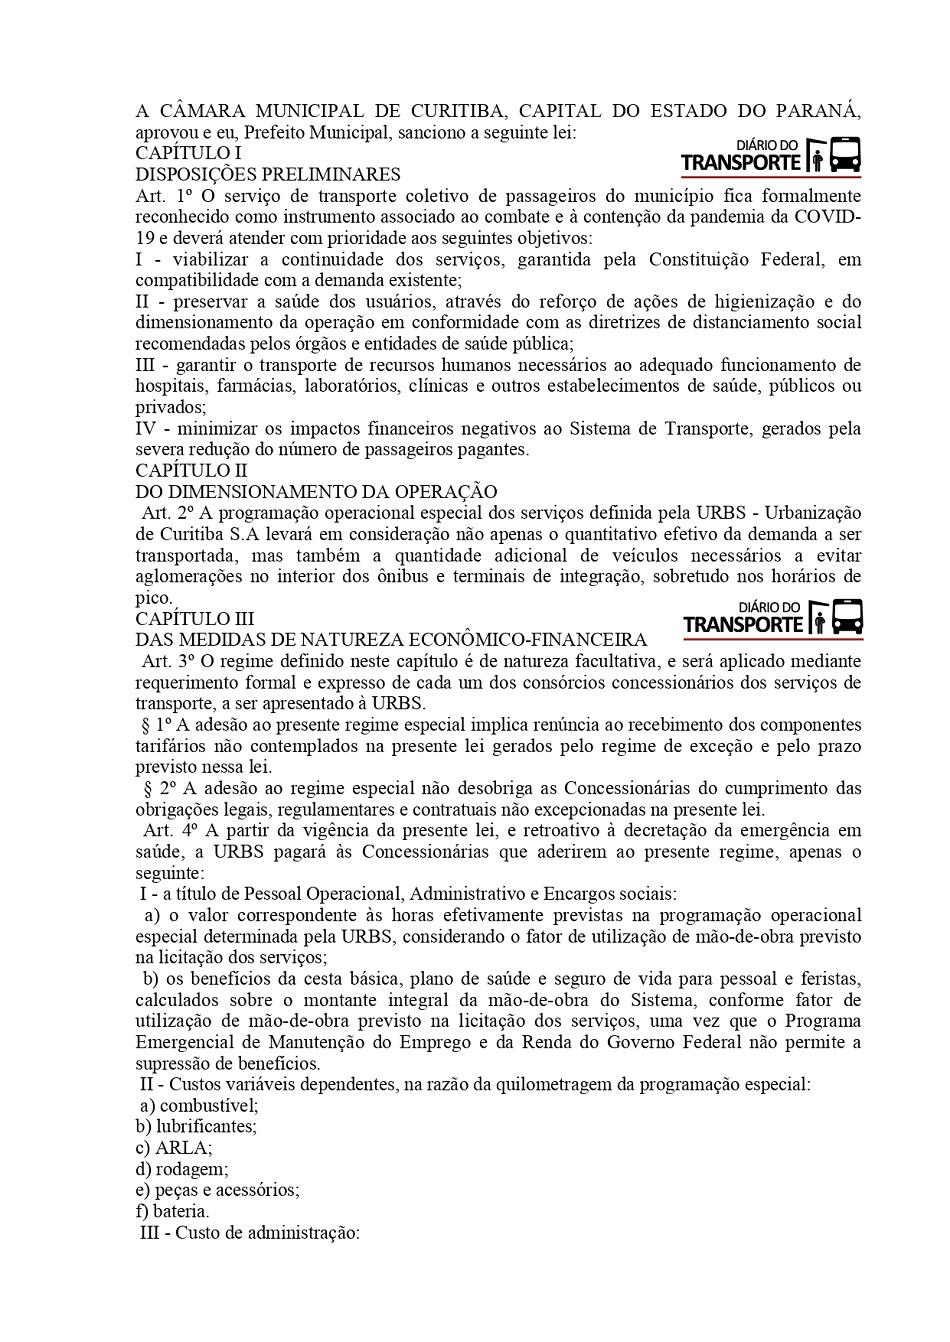 PL_curitiba_03